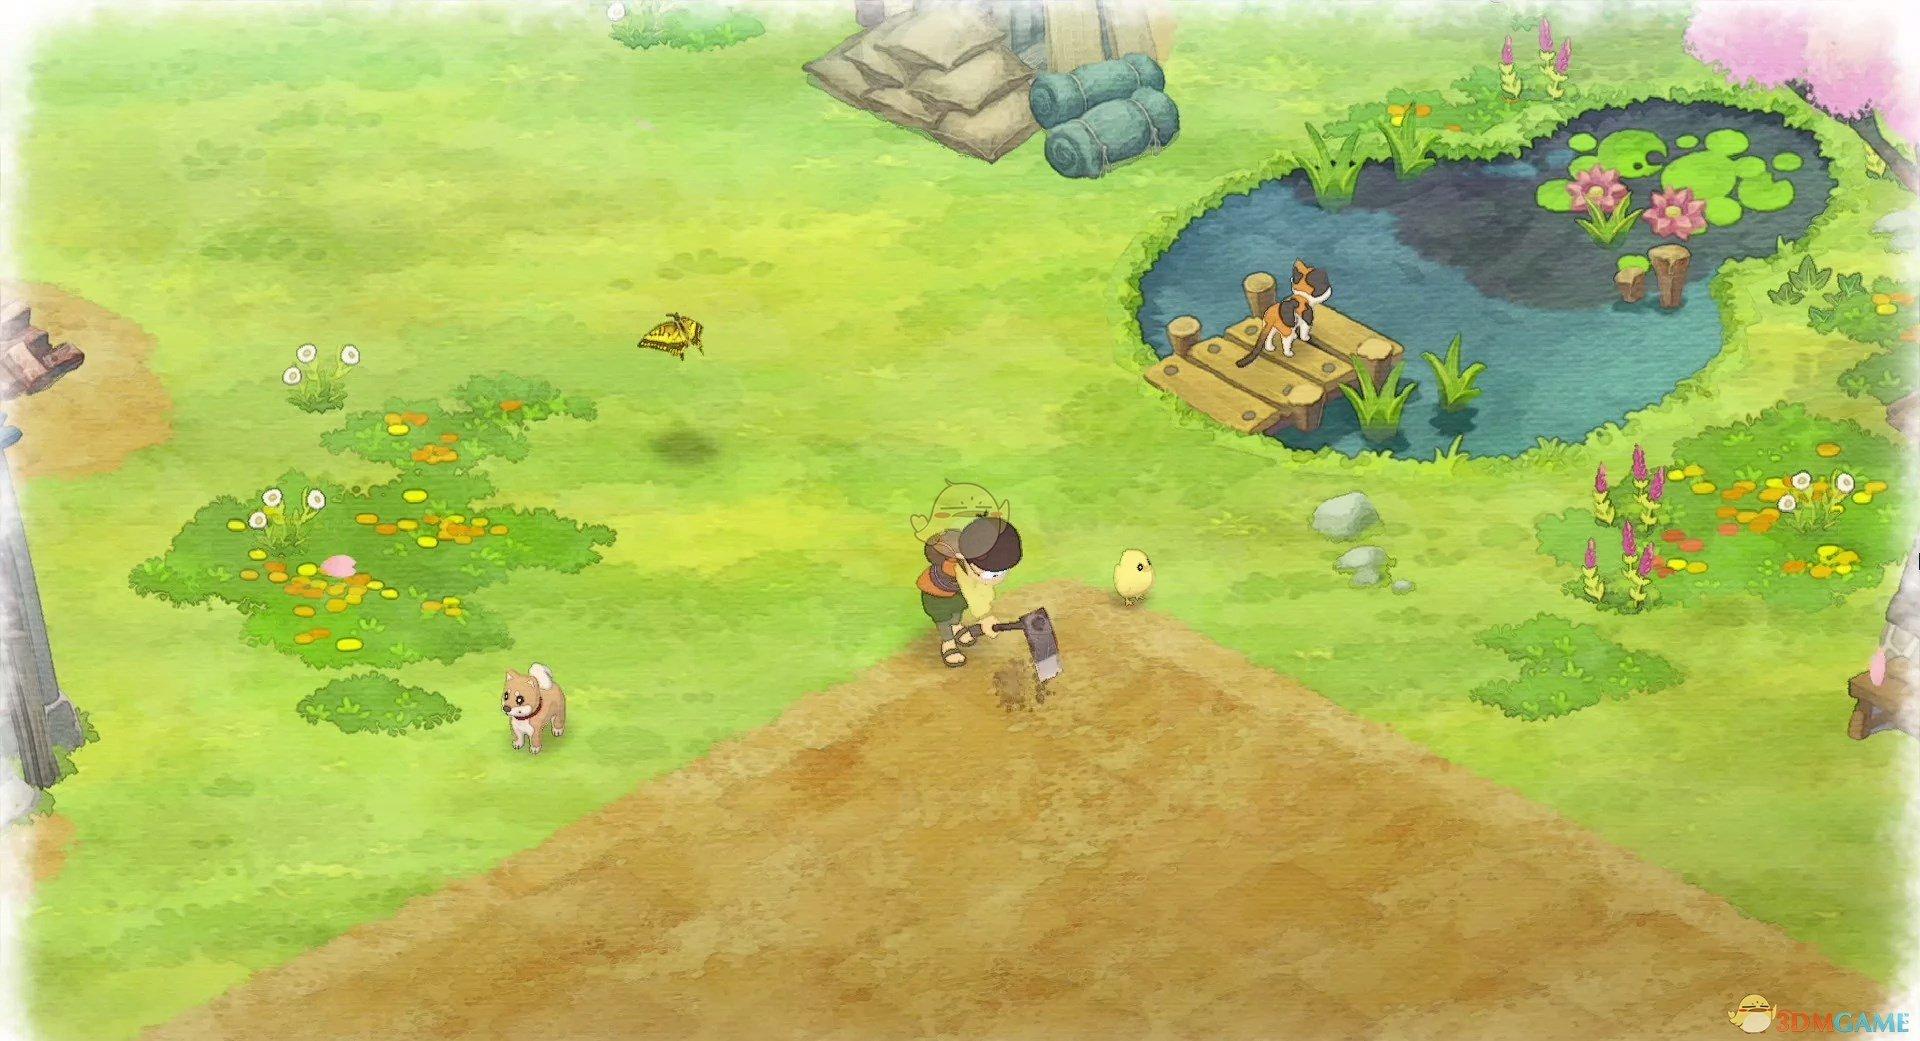 《哆啦A梦:大雄的牧场物语》小精灵剧情触发方法分享